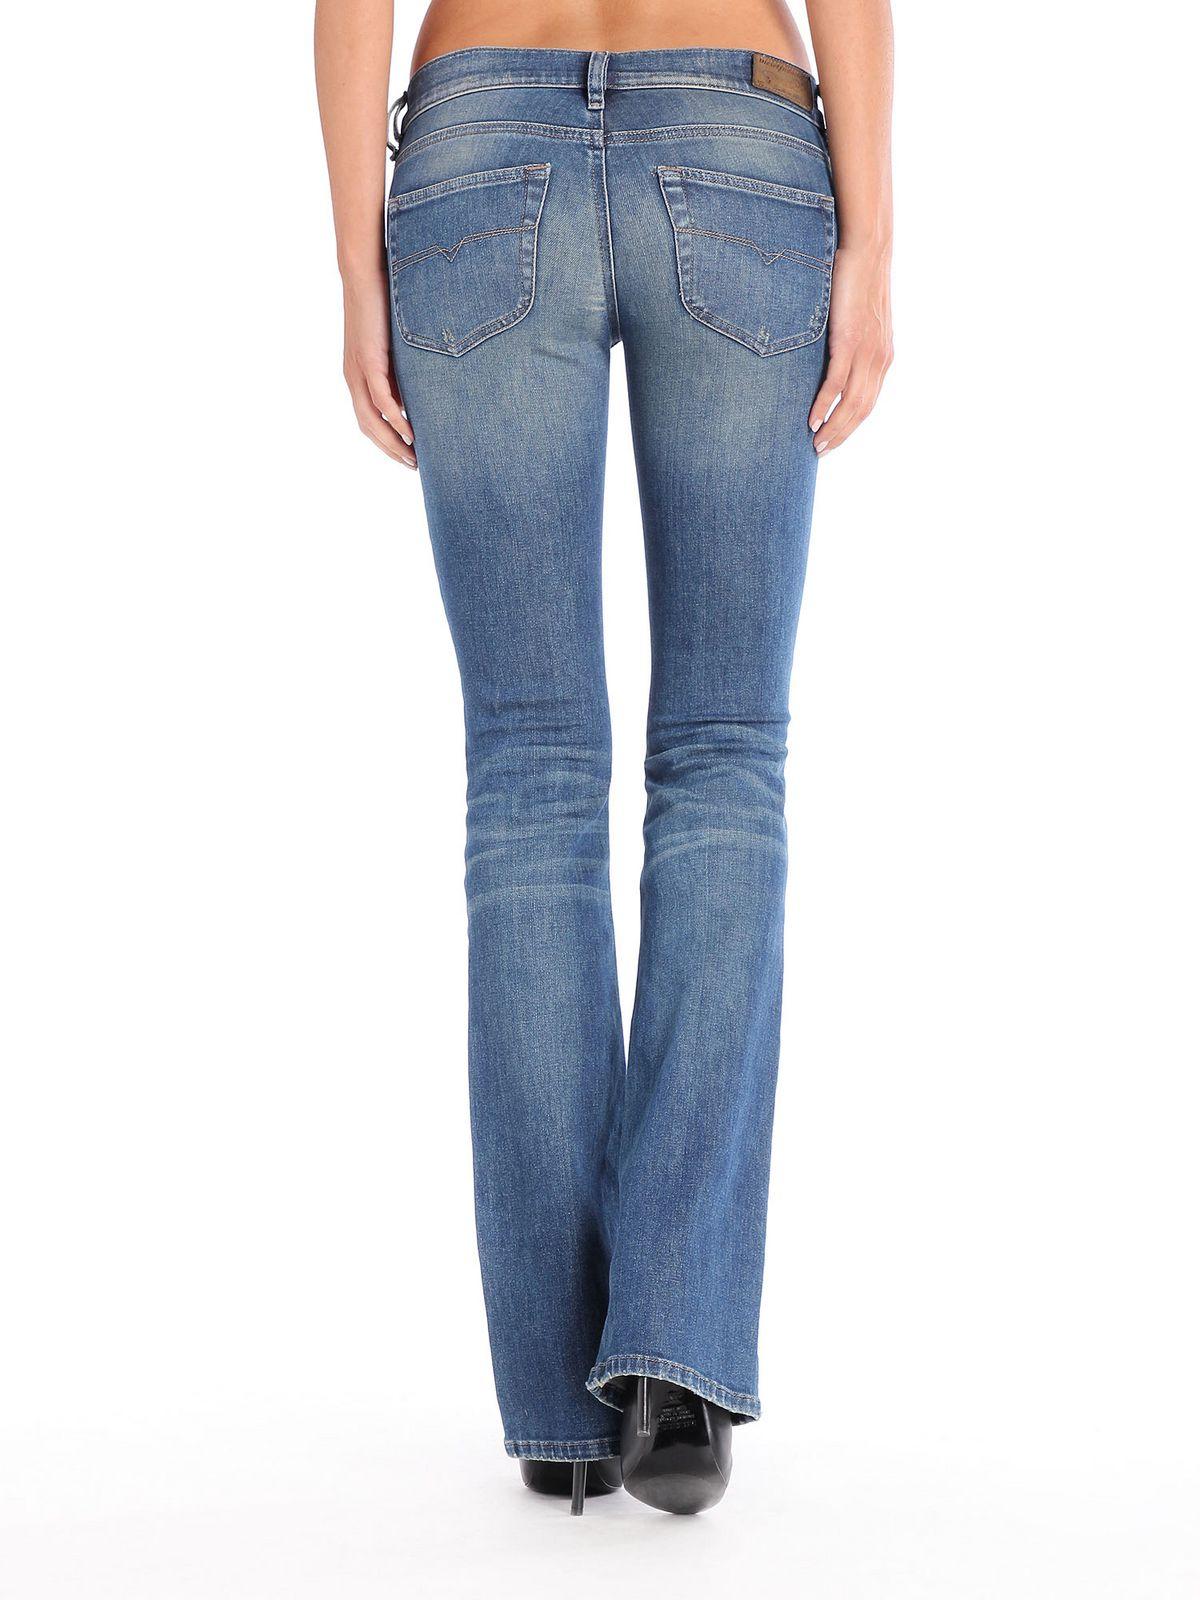 Gallery. Women\u0027s Mesh Jeans ...